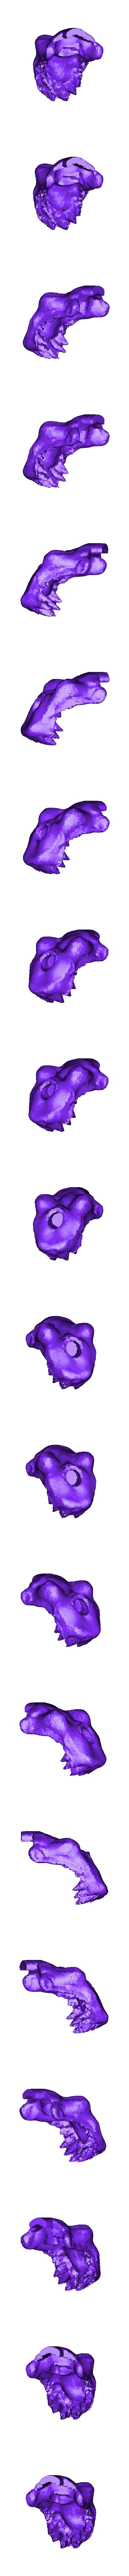 Spectral_3DPRINT-Mouth.stl Download STL file Skull Spectral 3D Stl • 3D print object, manueldx95